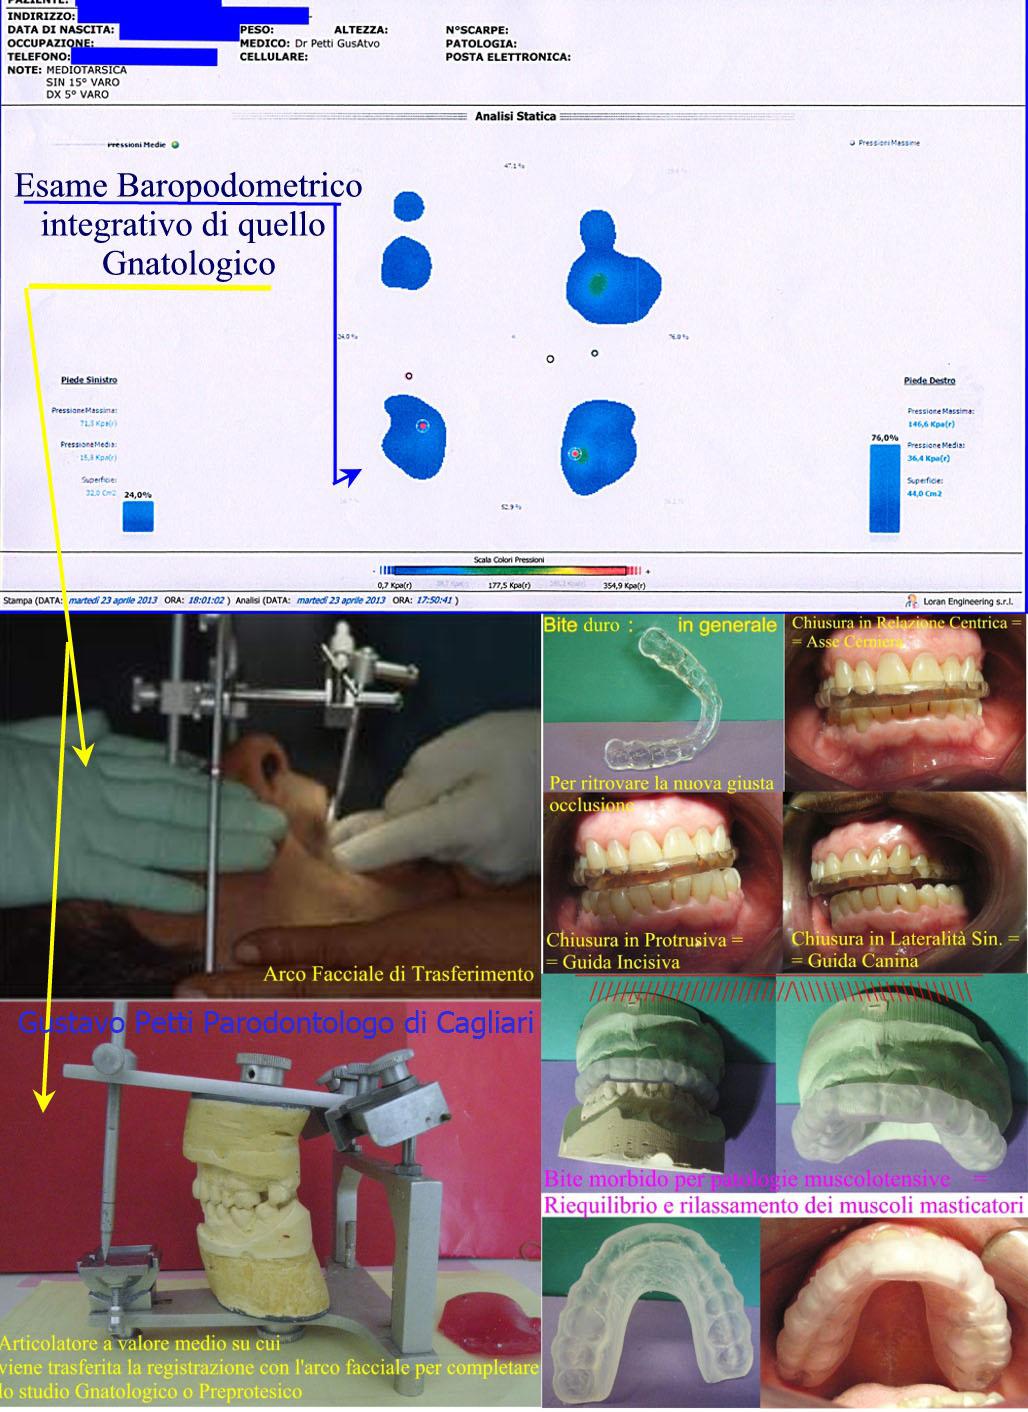 Dr. Gustavo Petti Parodontologo Gnatologo di Cagliari. Parte di Esame Gnatologico con Arco Facciale e Stabilometria Computerizzata.